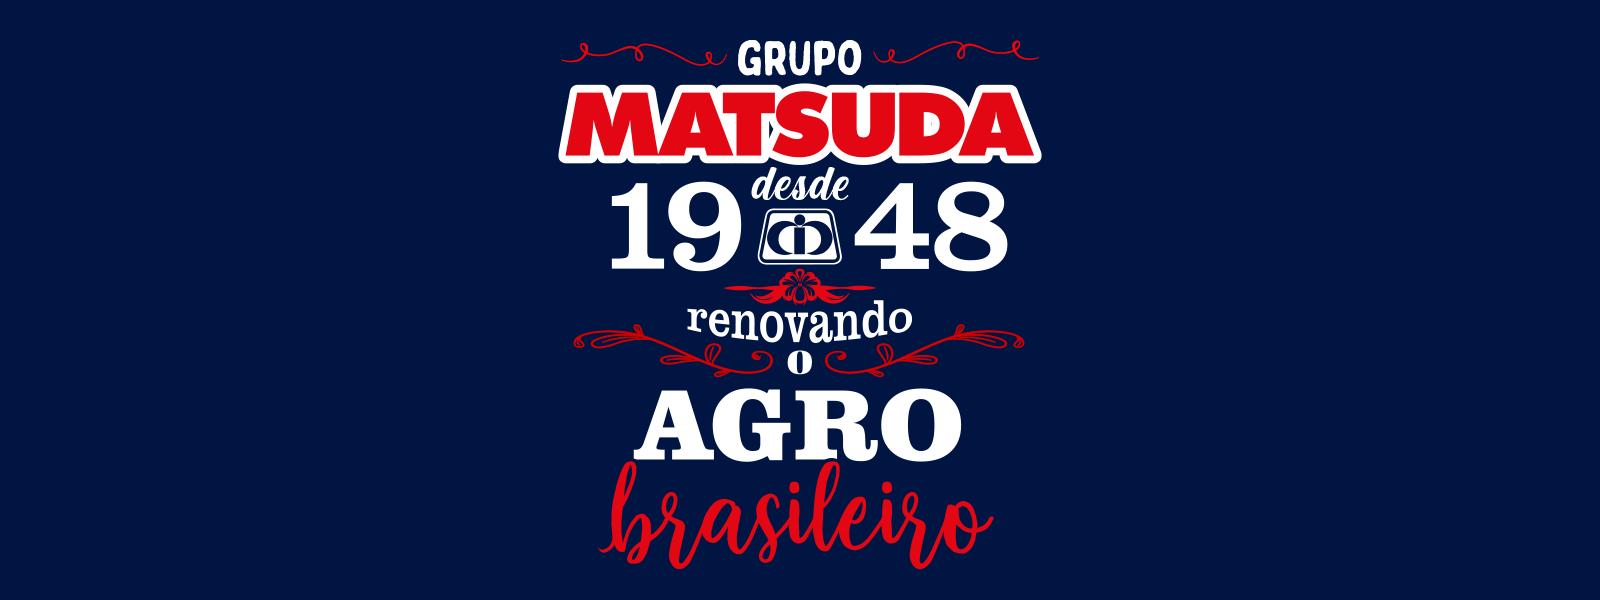 Tema do ano: Matsuda, desde 1948 renovando o Agro brasileiro